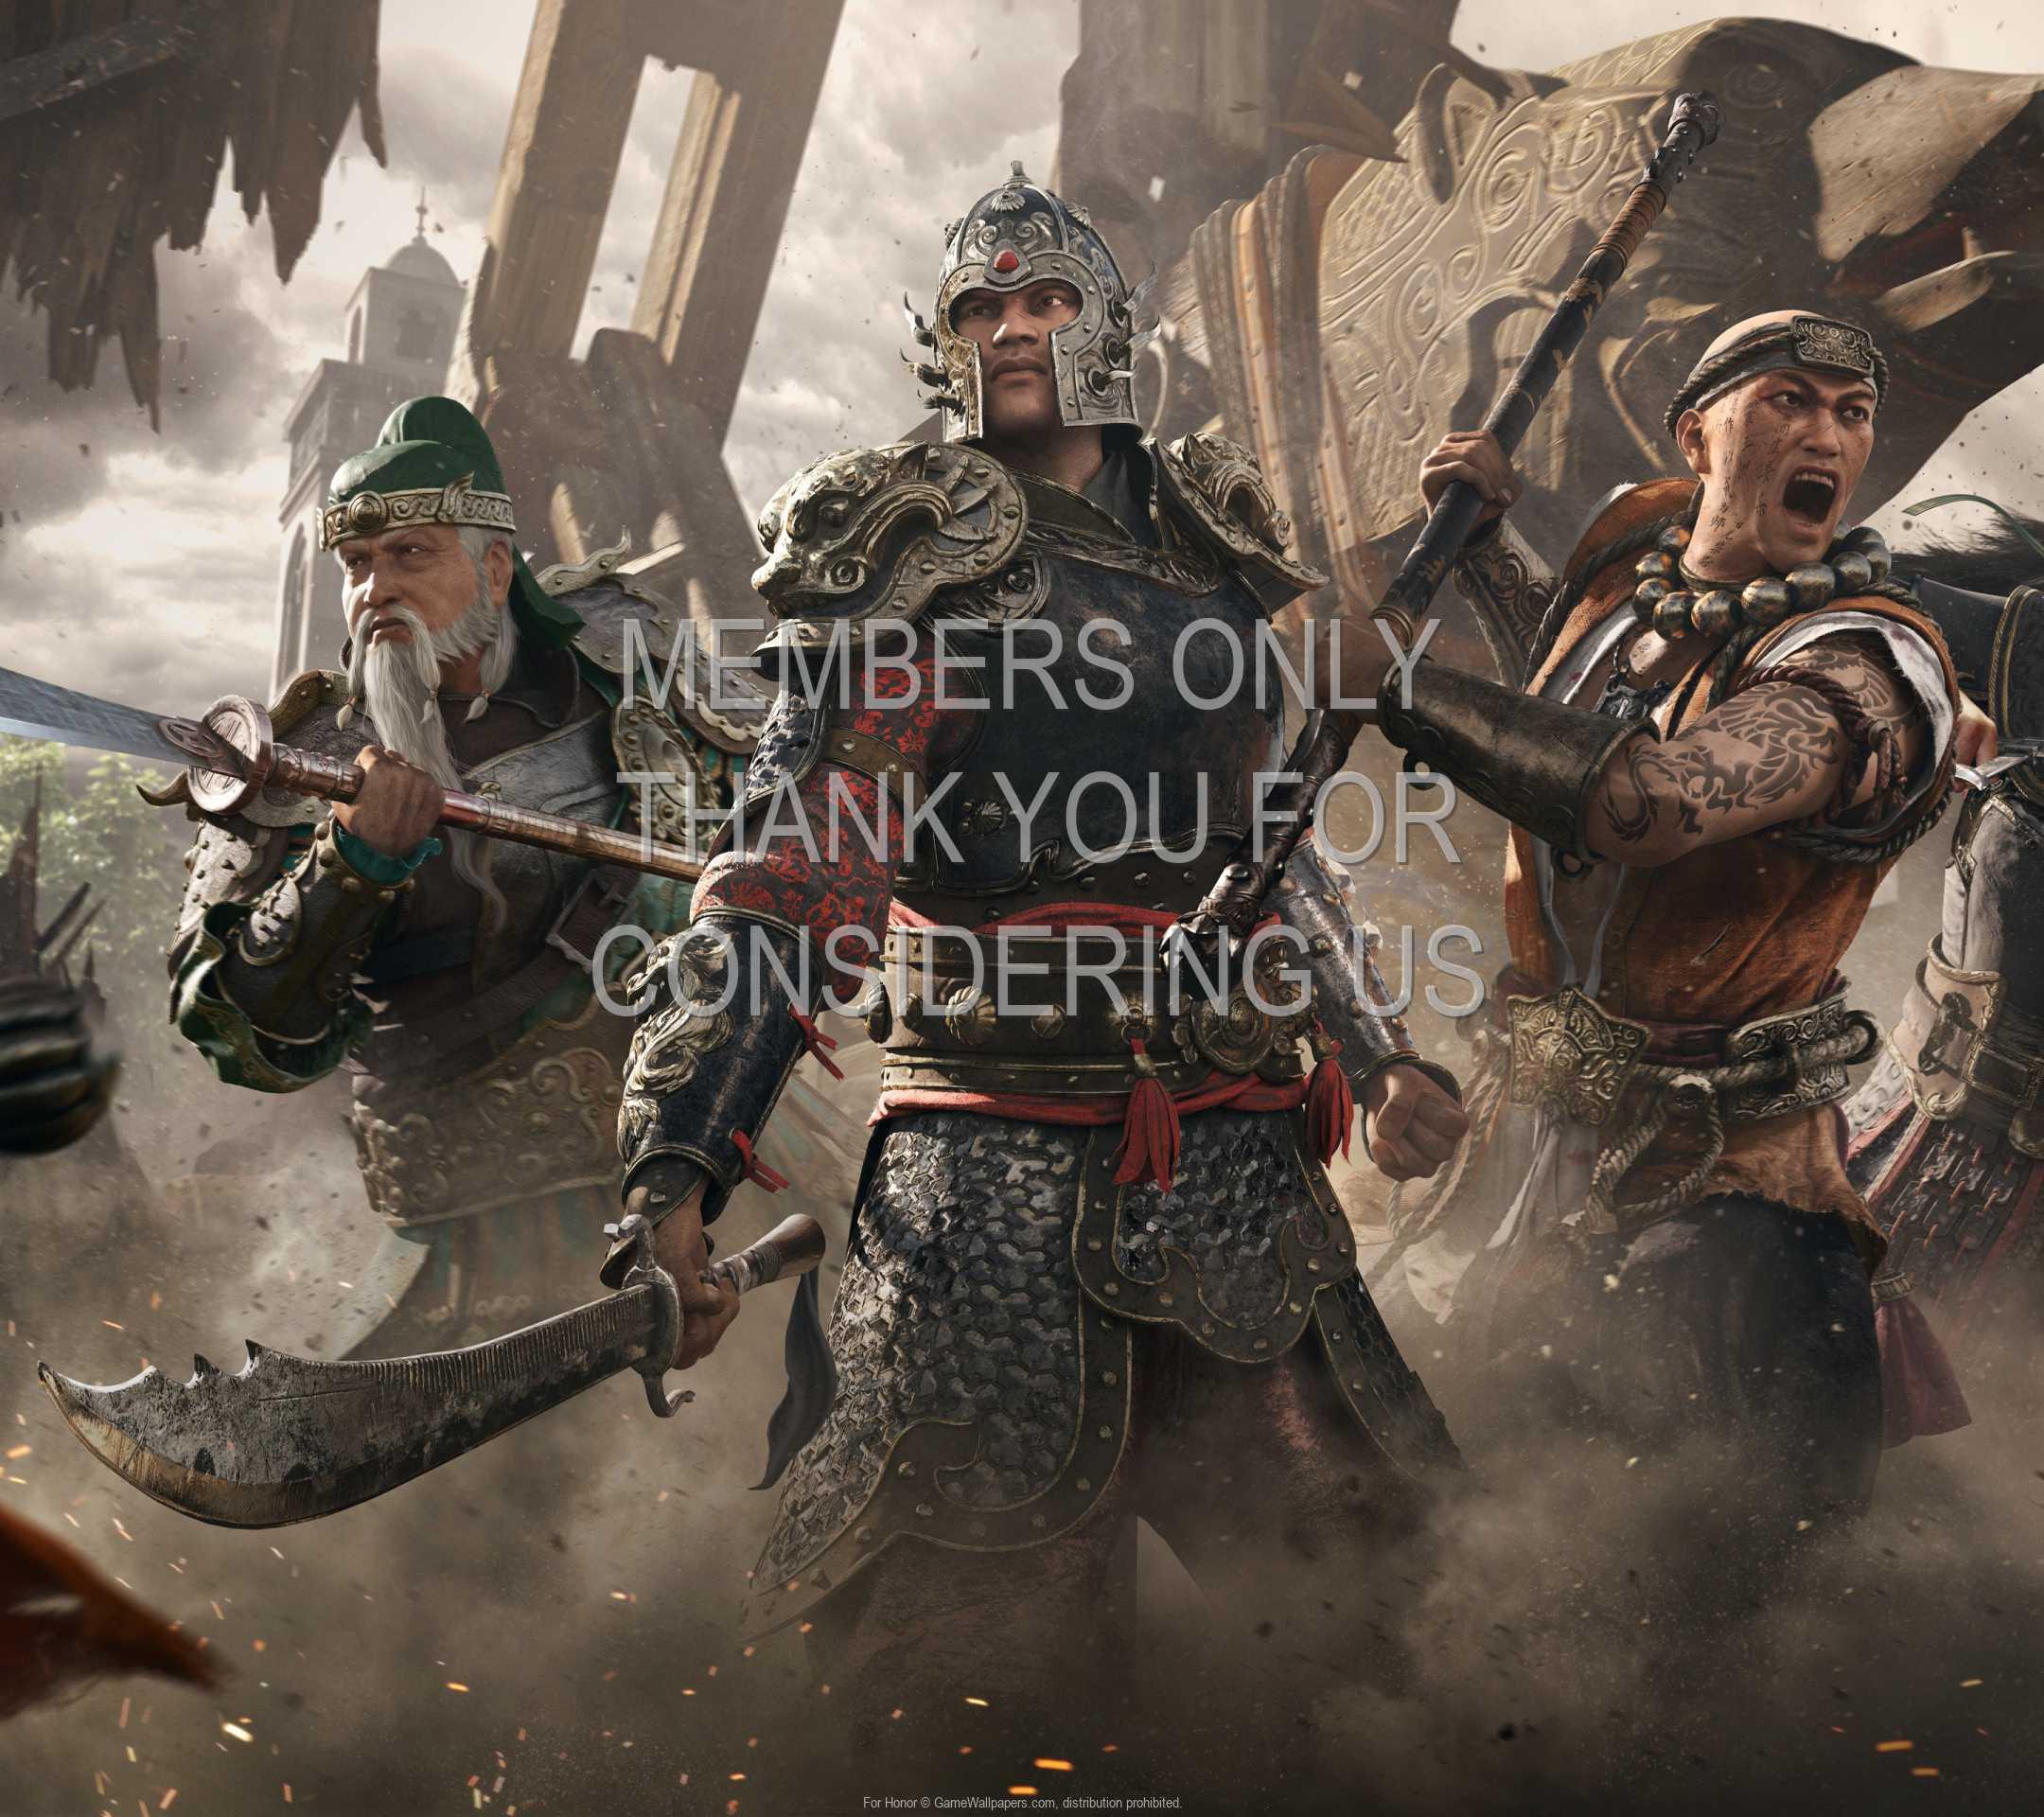 For Honor 1080p Horizontal Mobile fond d'écran 15